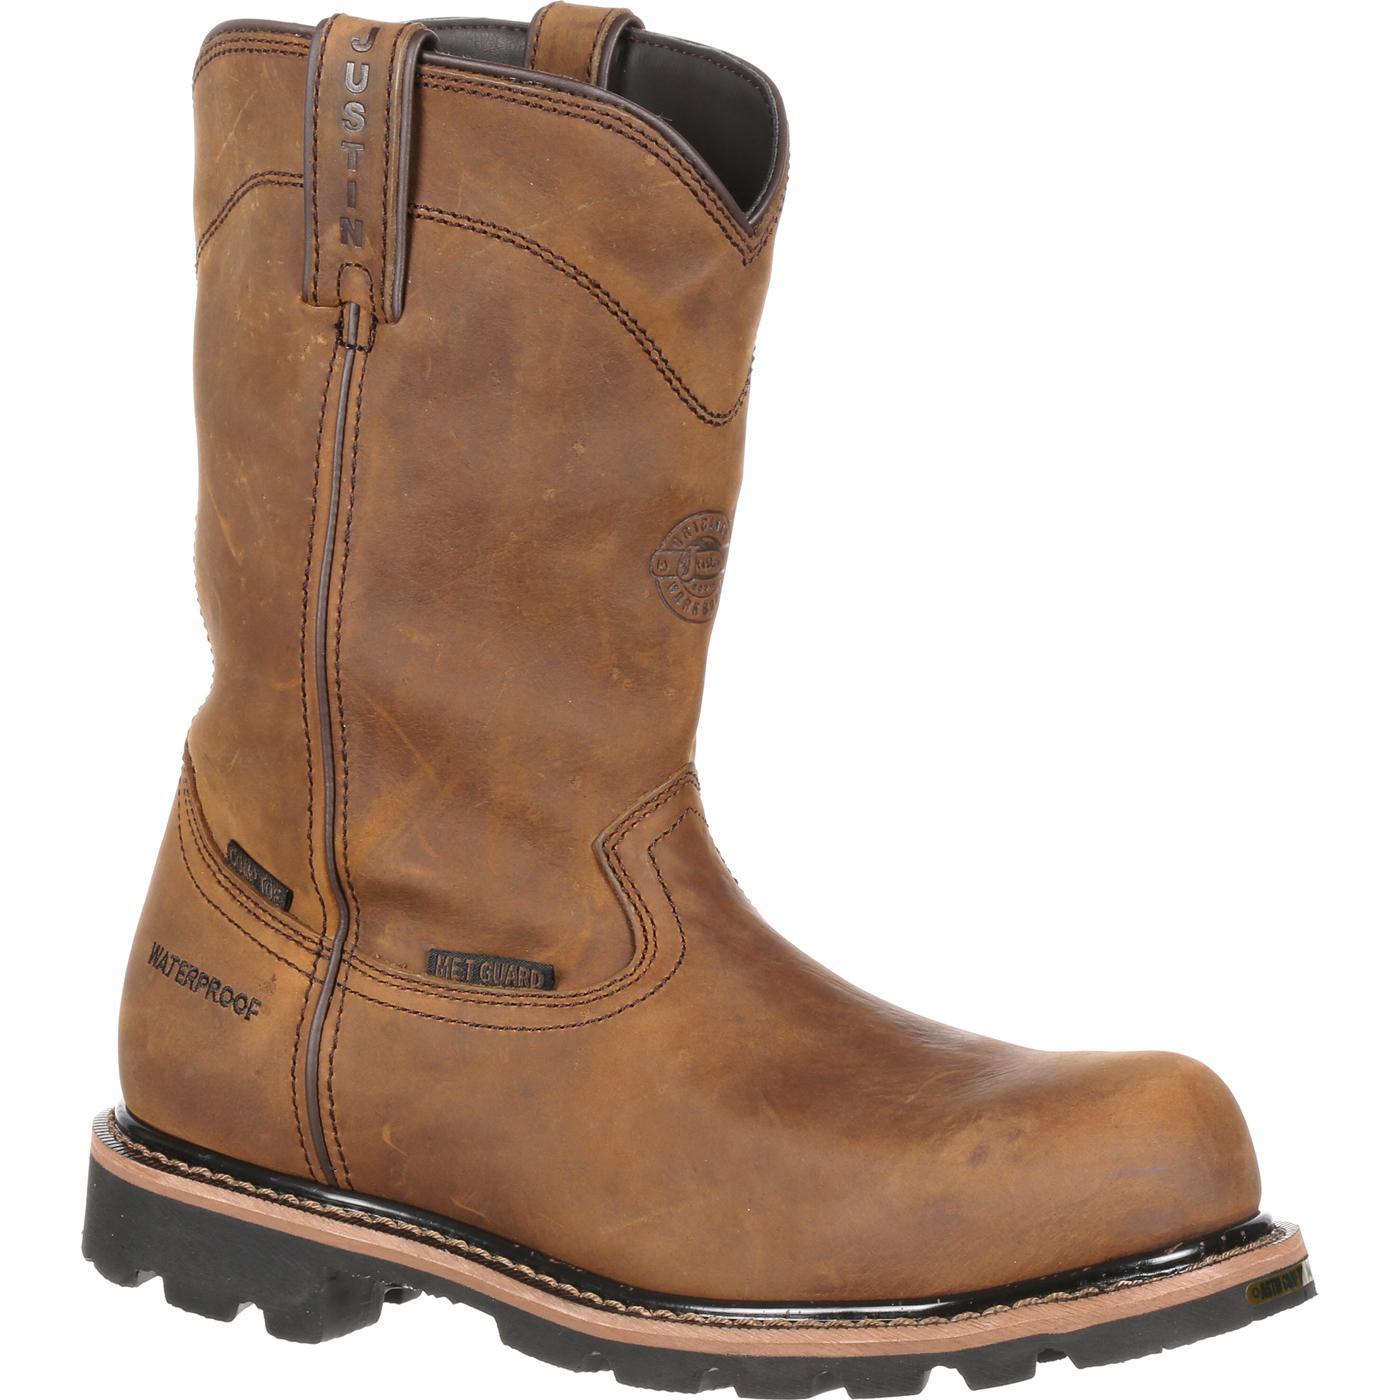 Justin Work Composite Toe Metatarsal Pull On Boot Jwk4630